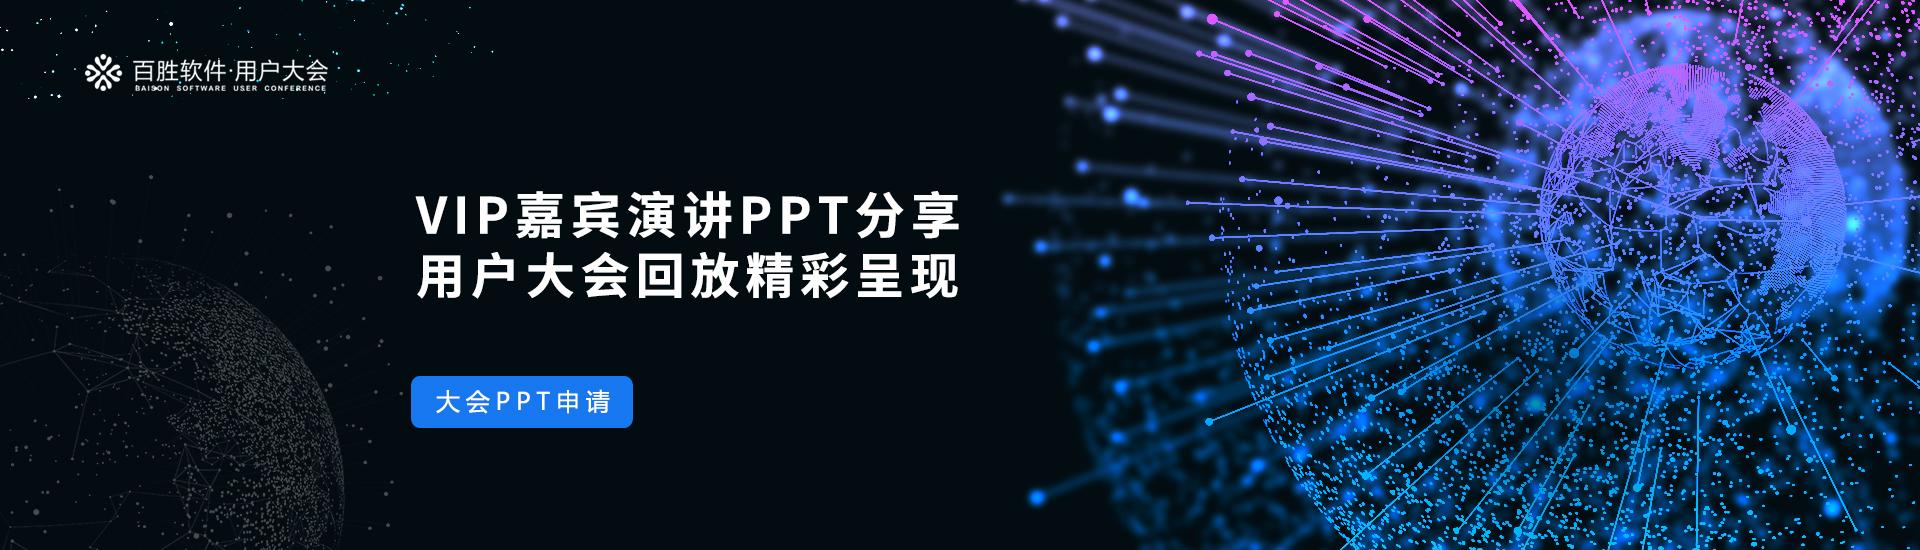 2018百胜软件用户大会